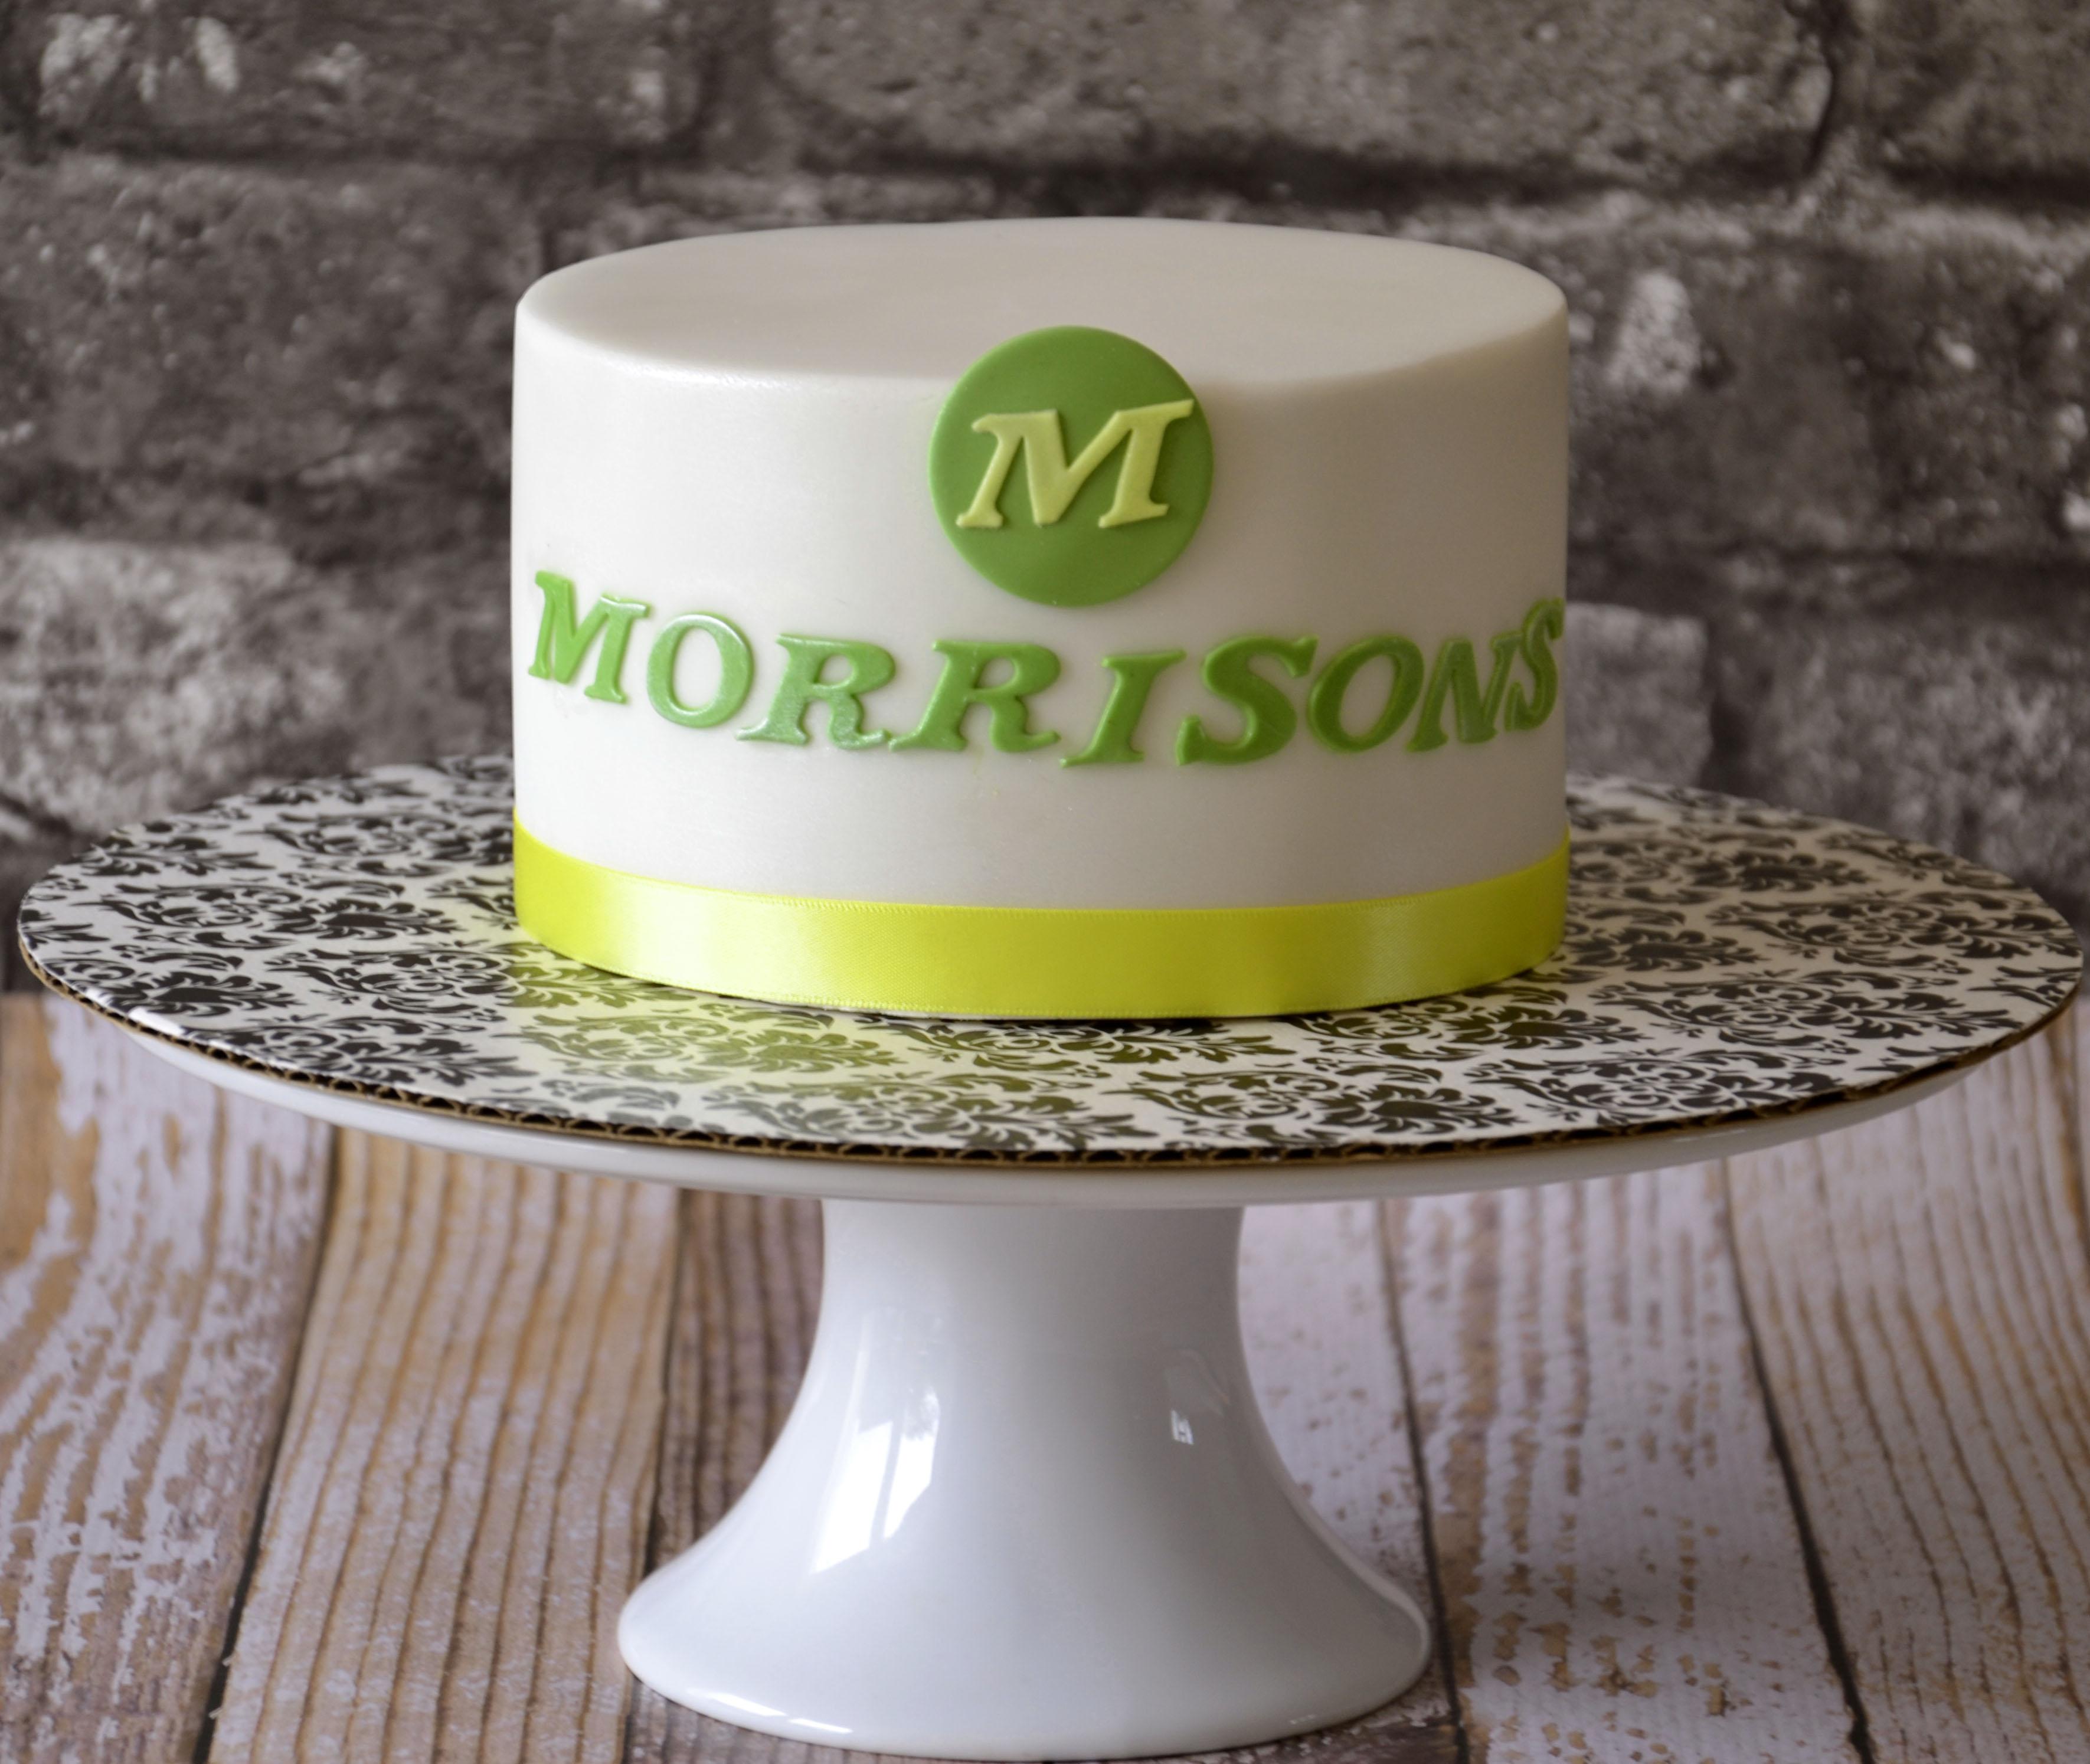 Morrisons cake